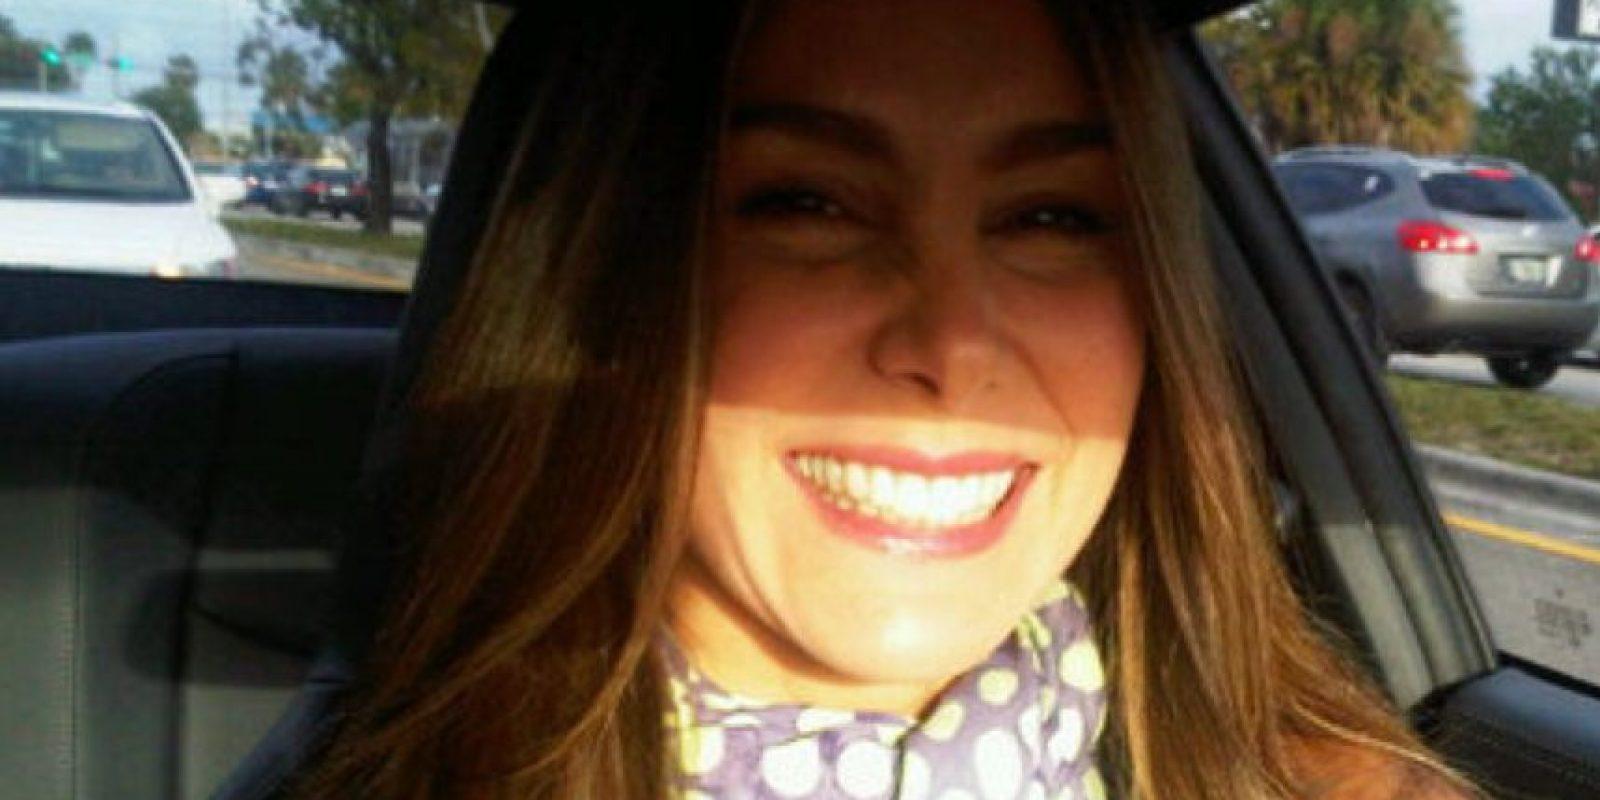 El año pasado detuvieron a sus padres y hermano, en Venezuela. La actriz estuvo muy angustiada. Foto:vía Twitter/Natalia Streignard